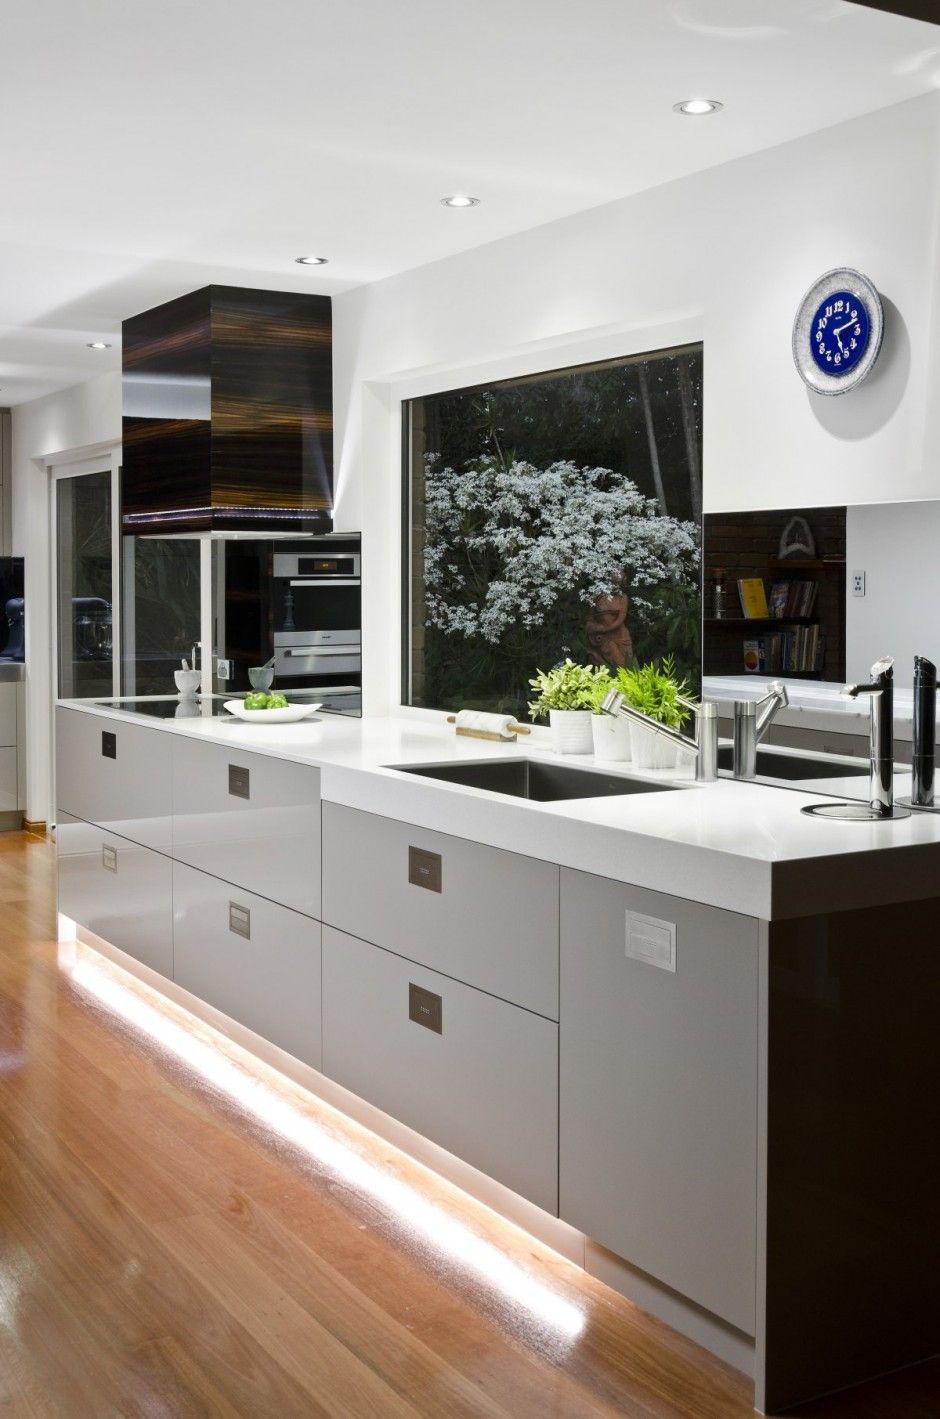 Modern kitchen window design  contemporist  home spaces and decor  pinterest  kitchens window